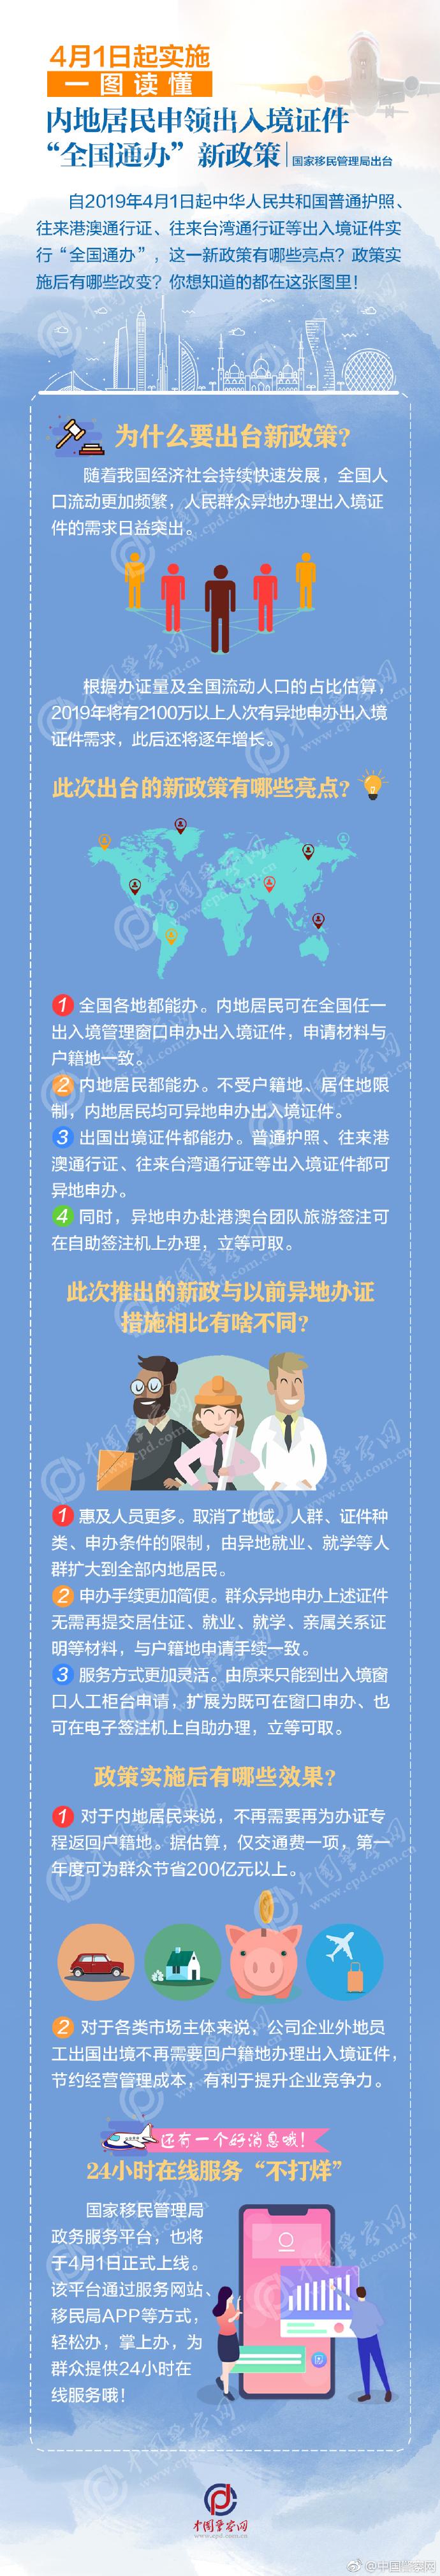 中国警察网.jpg